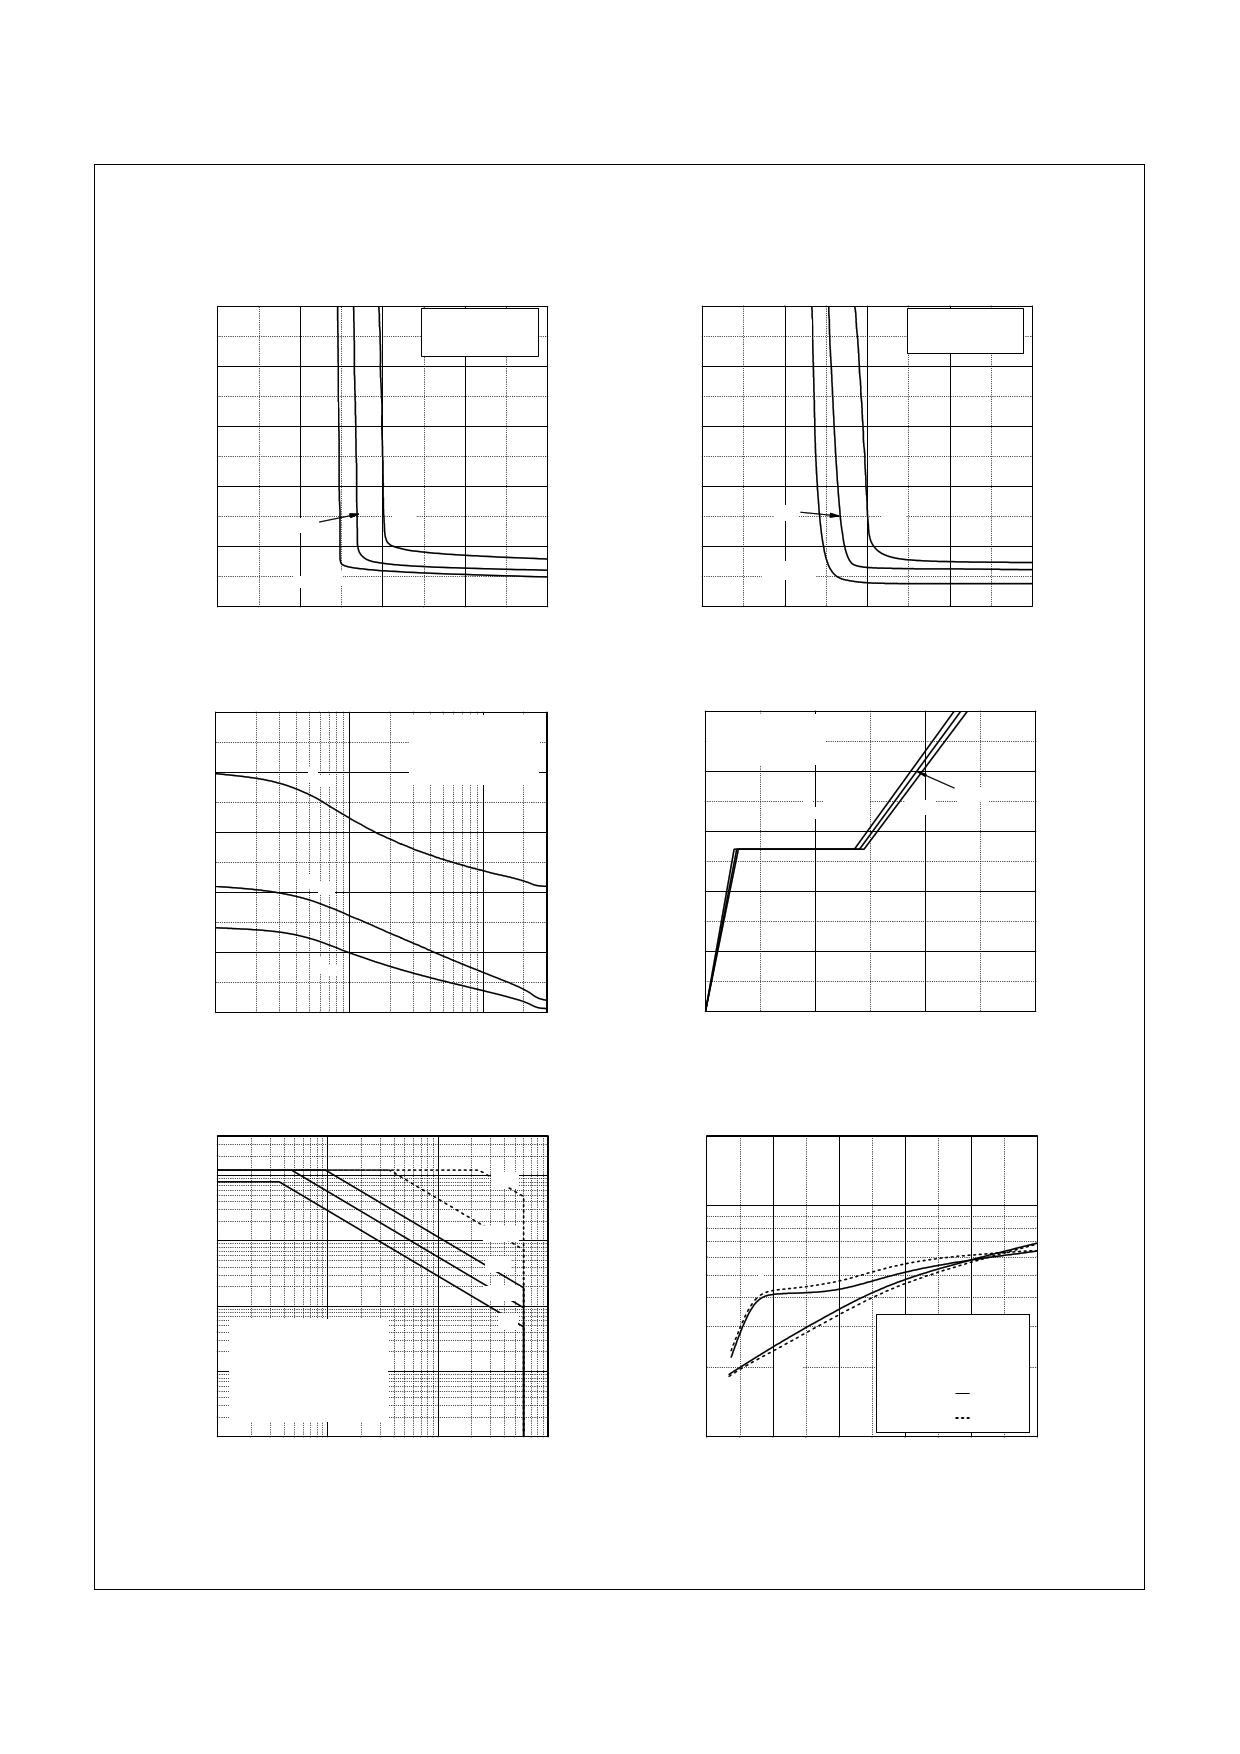 FGI40N60SF pdf, 반도체, 판매, 대치품